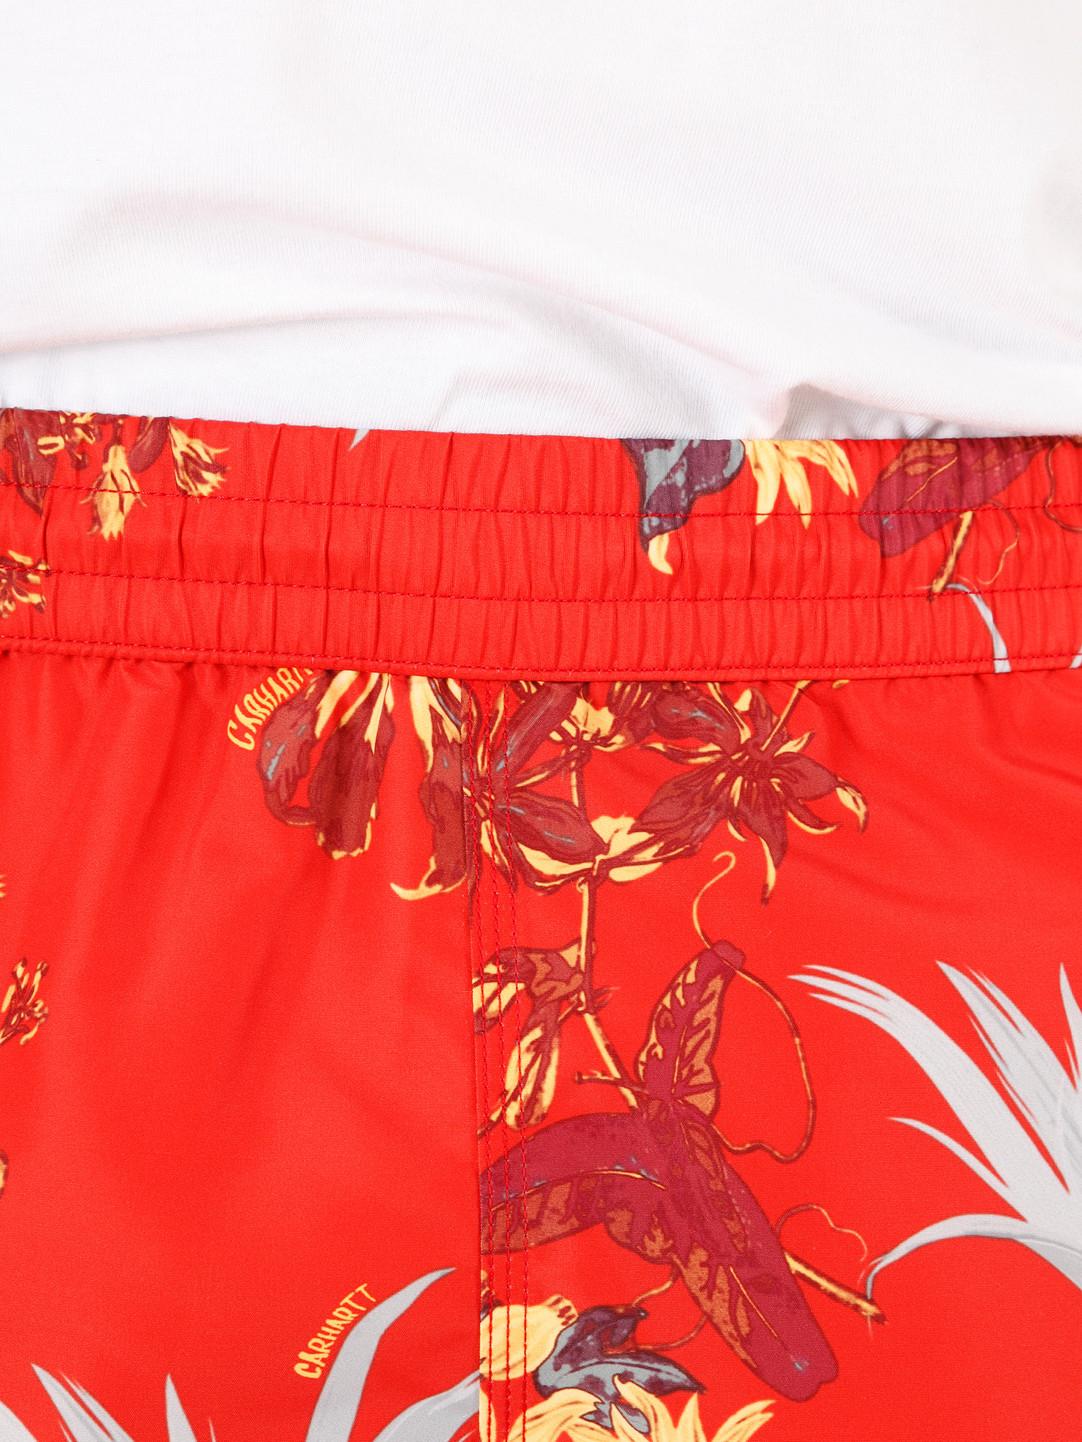 Carhartt WIP Carhartt WIP Drift Swim Trunks Hawaiian Floral Print Red I015812-09L00